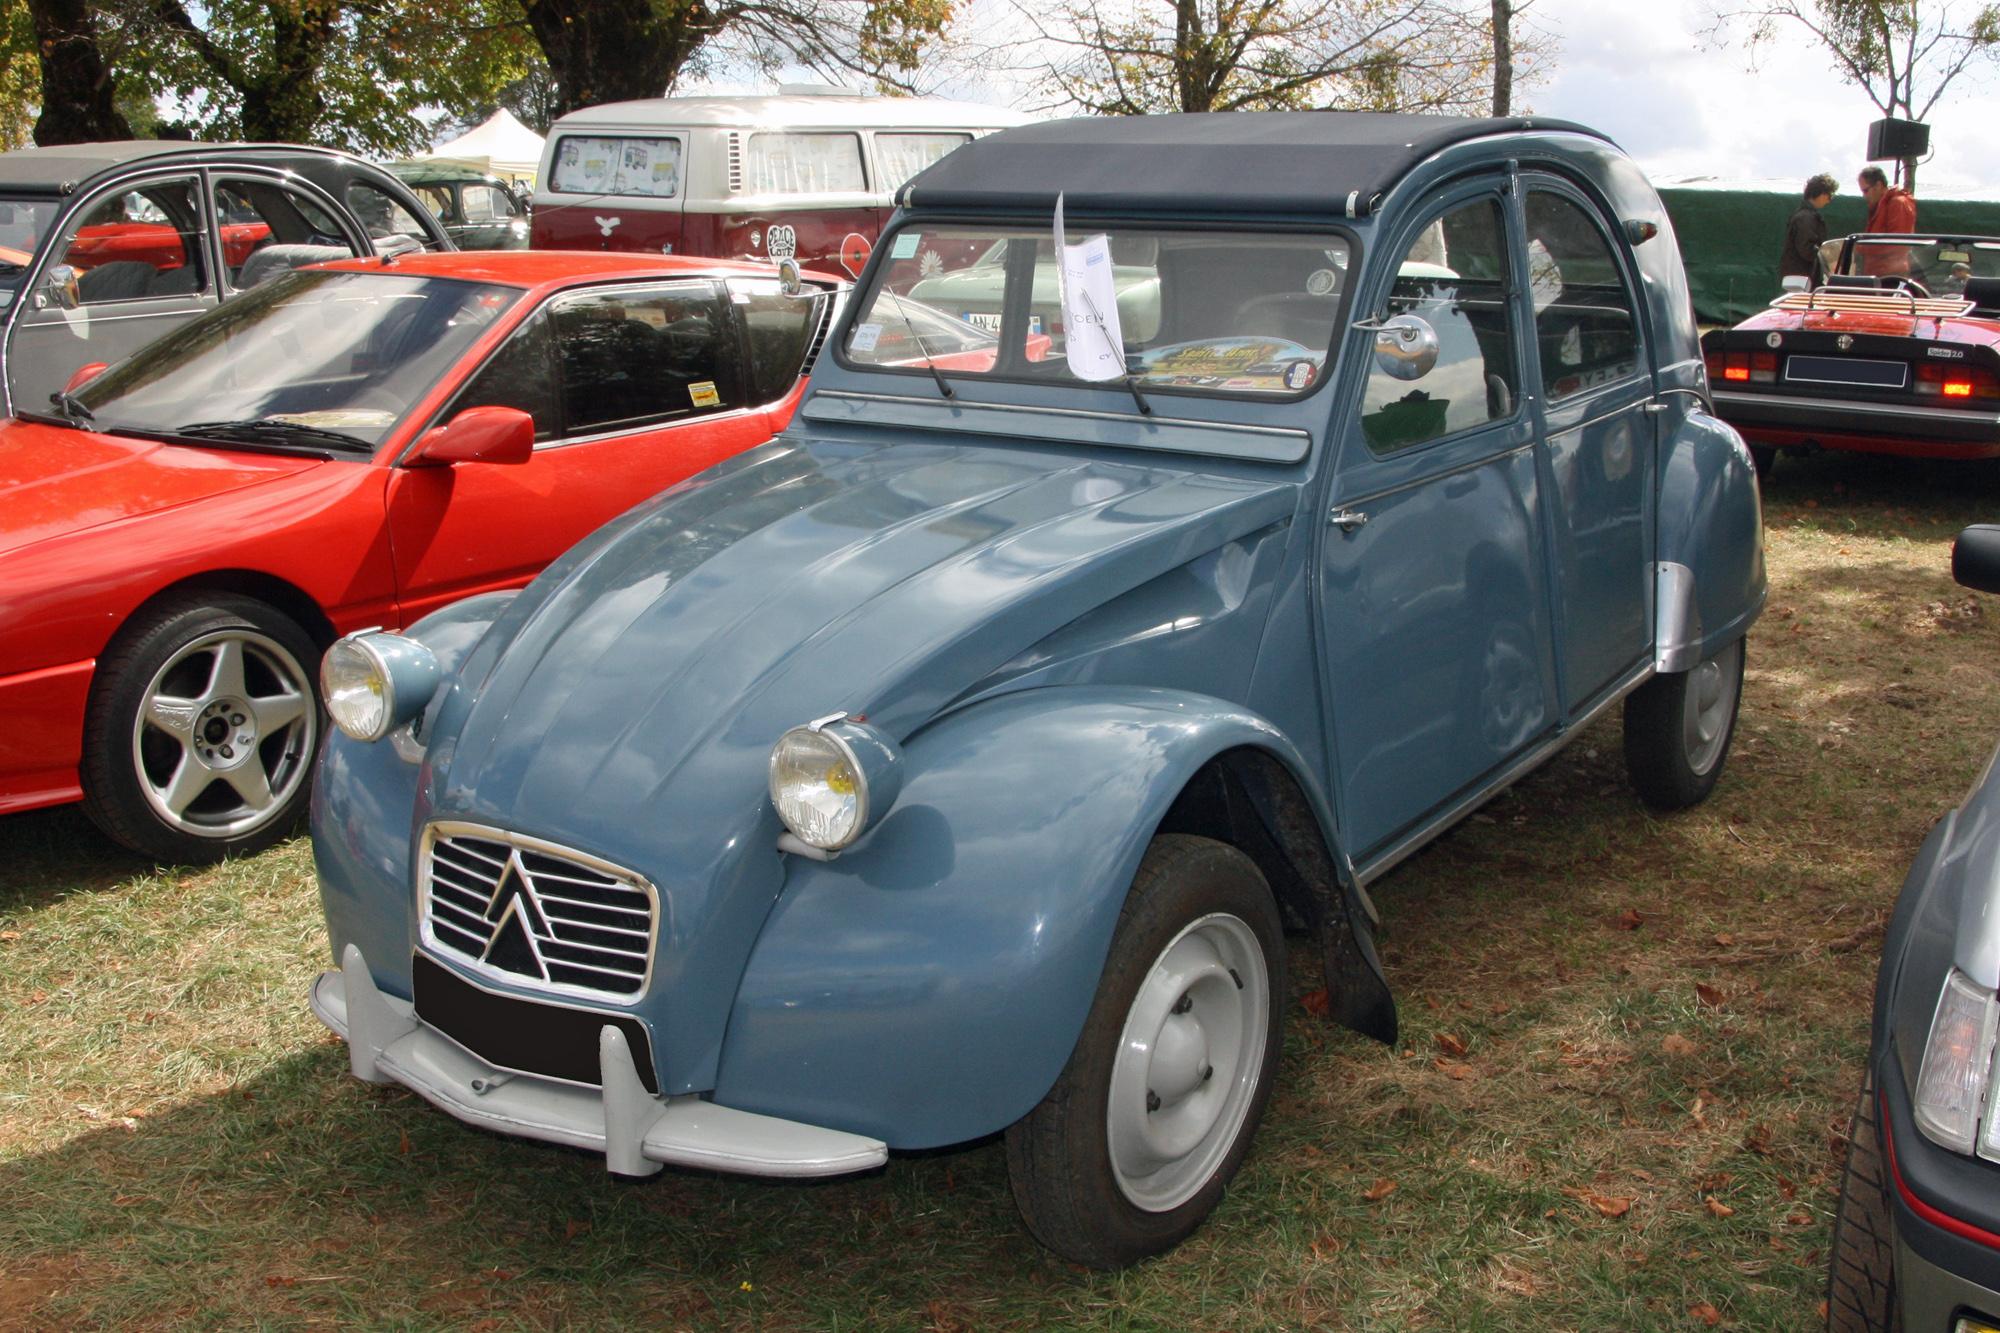 encyclop u00e9die automobile et s u00e9curit u00e9 routi u00e8re  quiz et description automobile